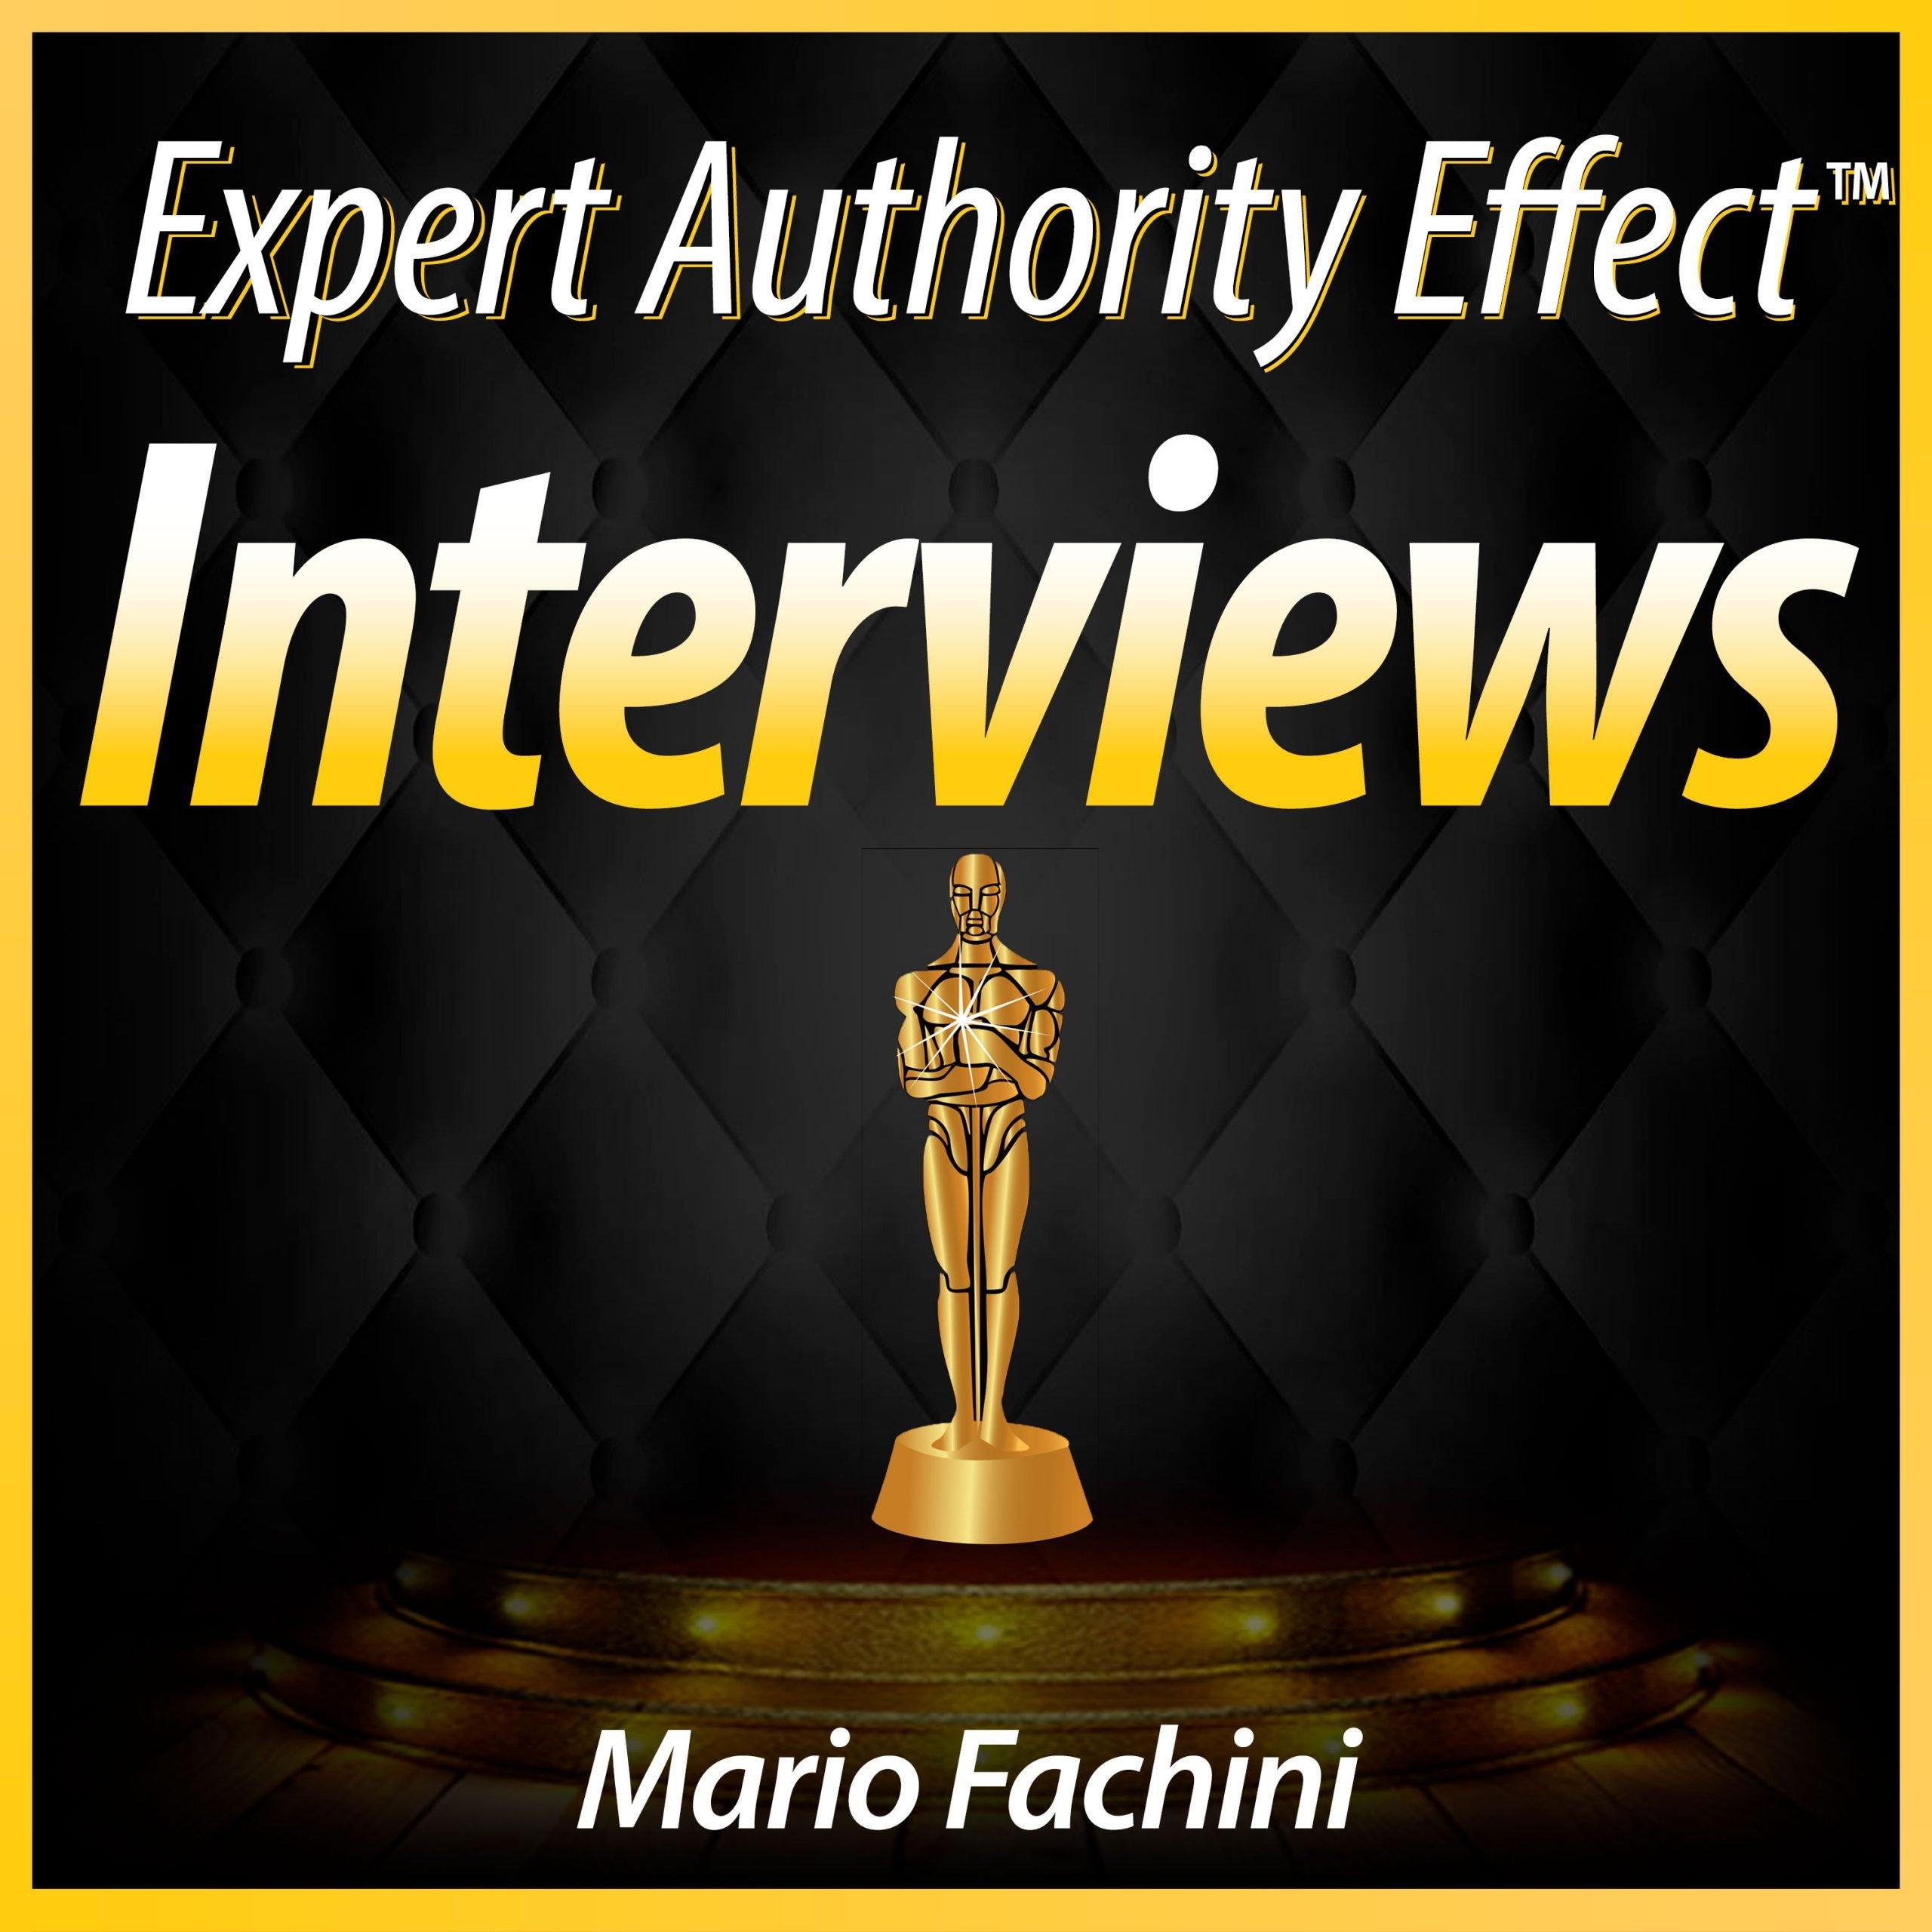 Expert_Authority_Effect_Interviews_2020_logo